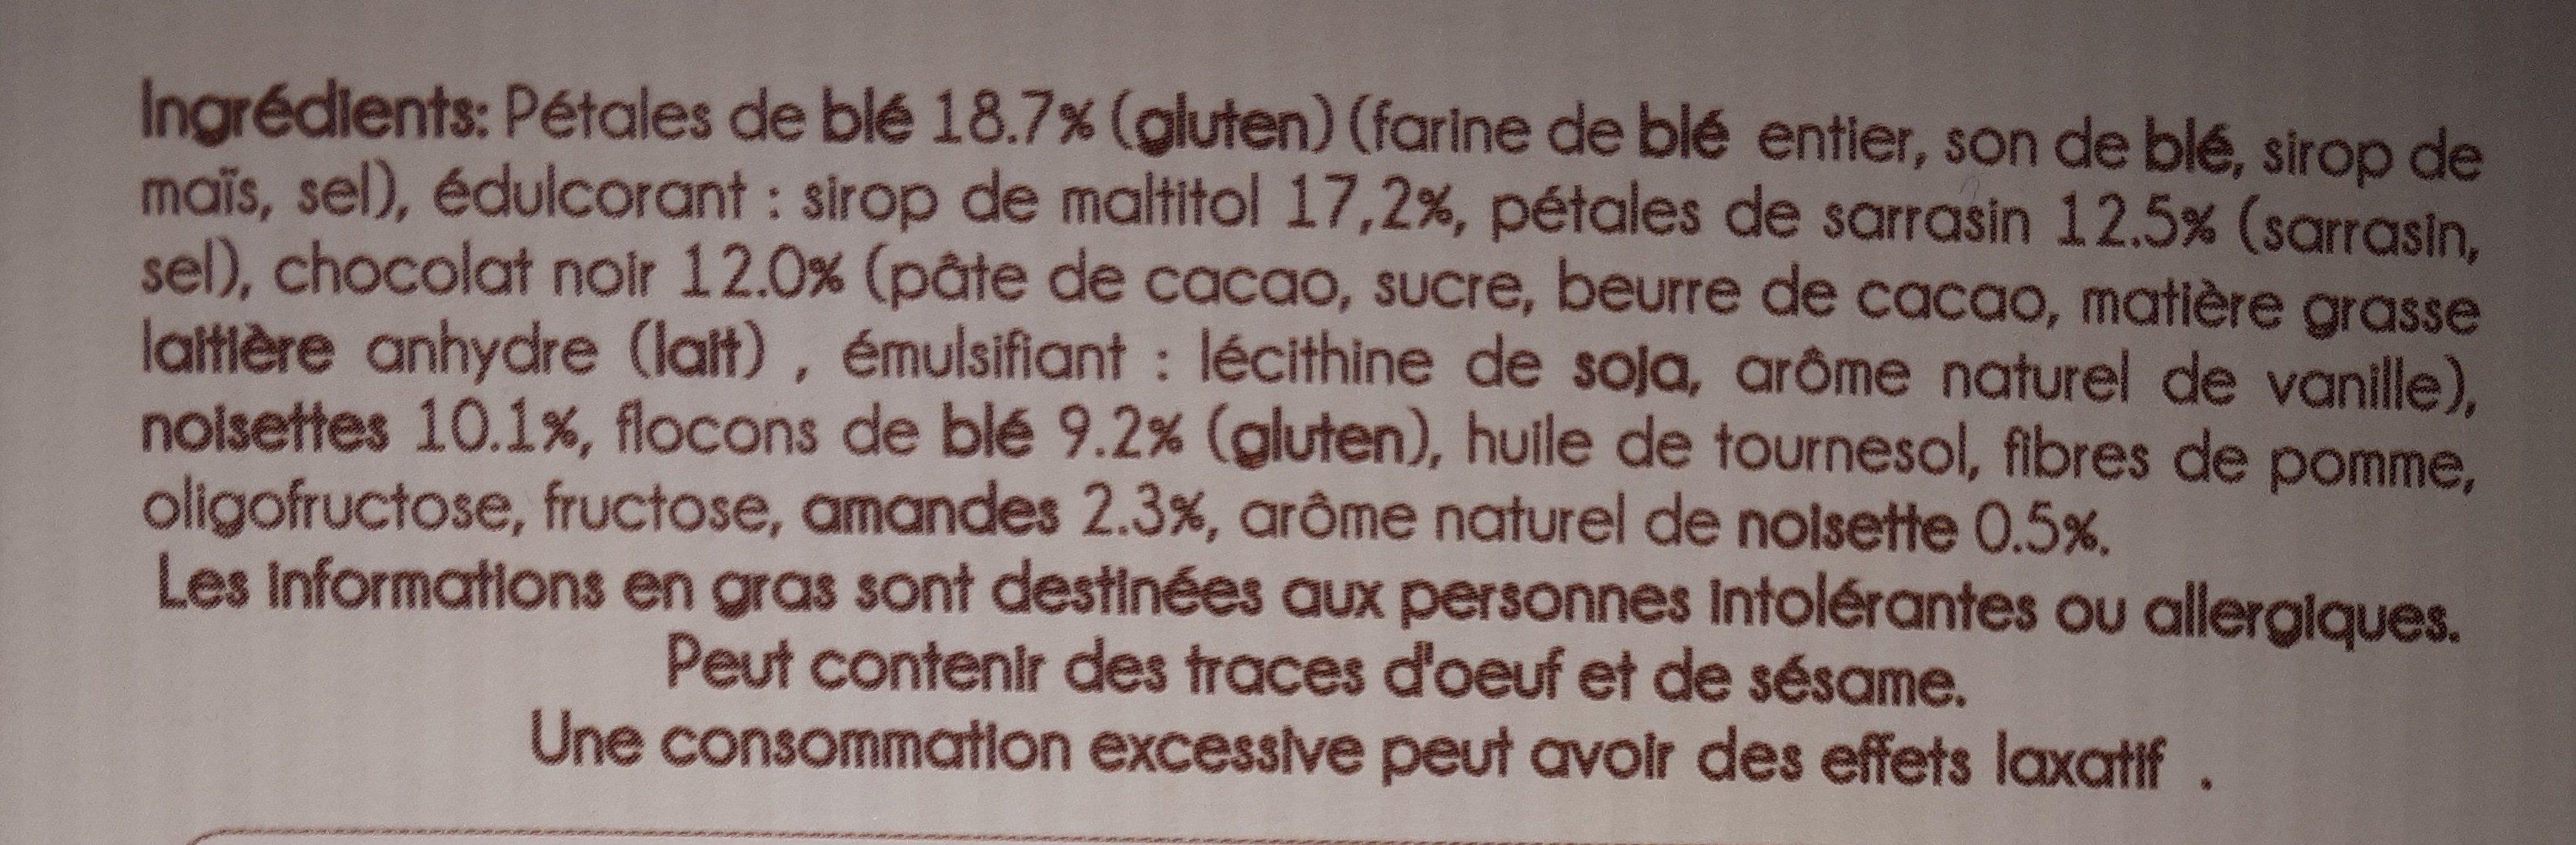 BARRES DE CÉRÉALES AUX NOISETTES & AMANDES SUR TALON DE CHOCOLAT NOIR - Ingrediënten - fr